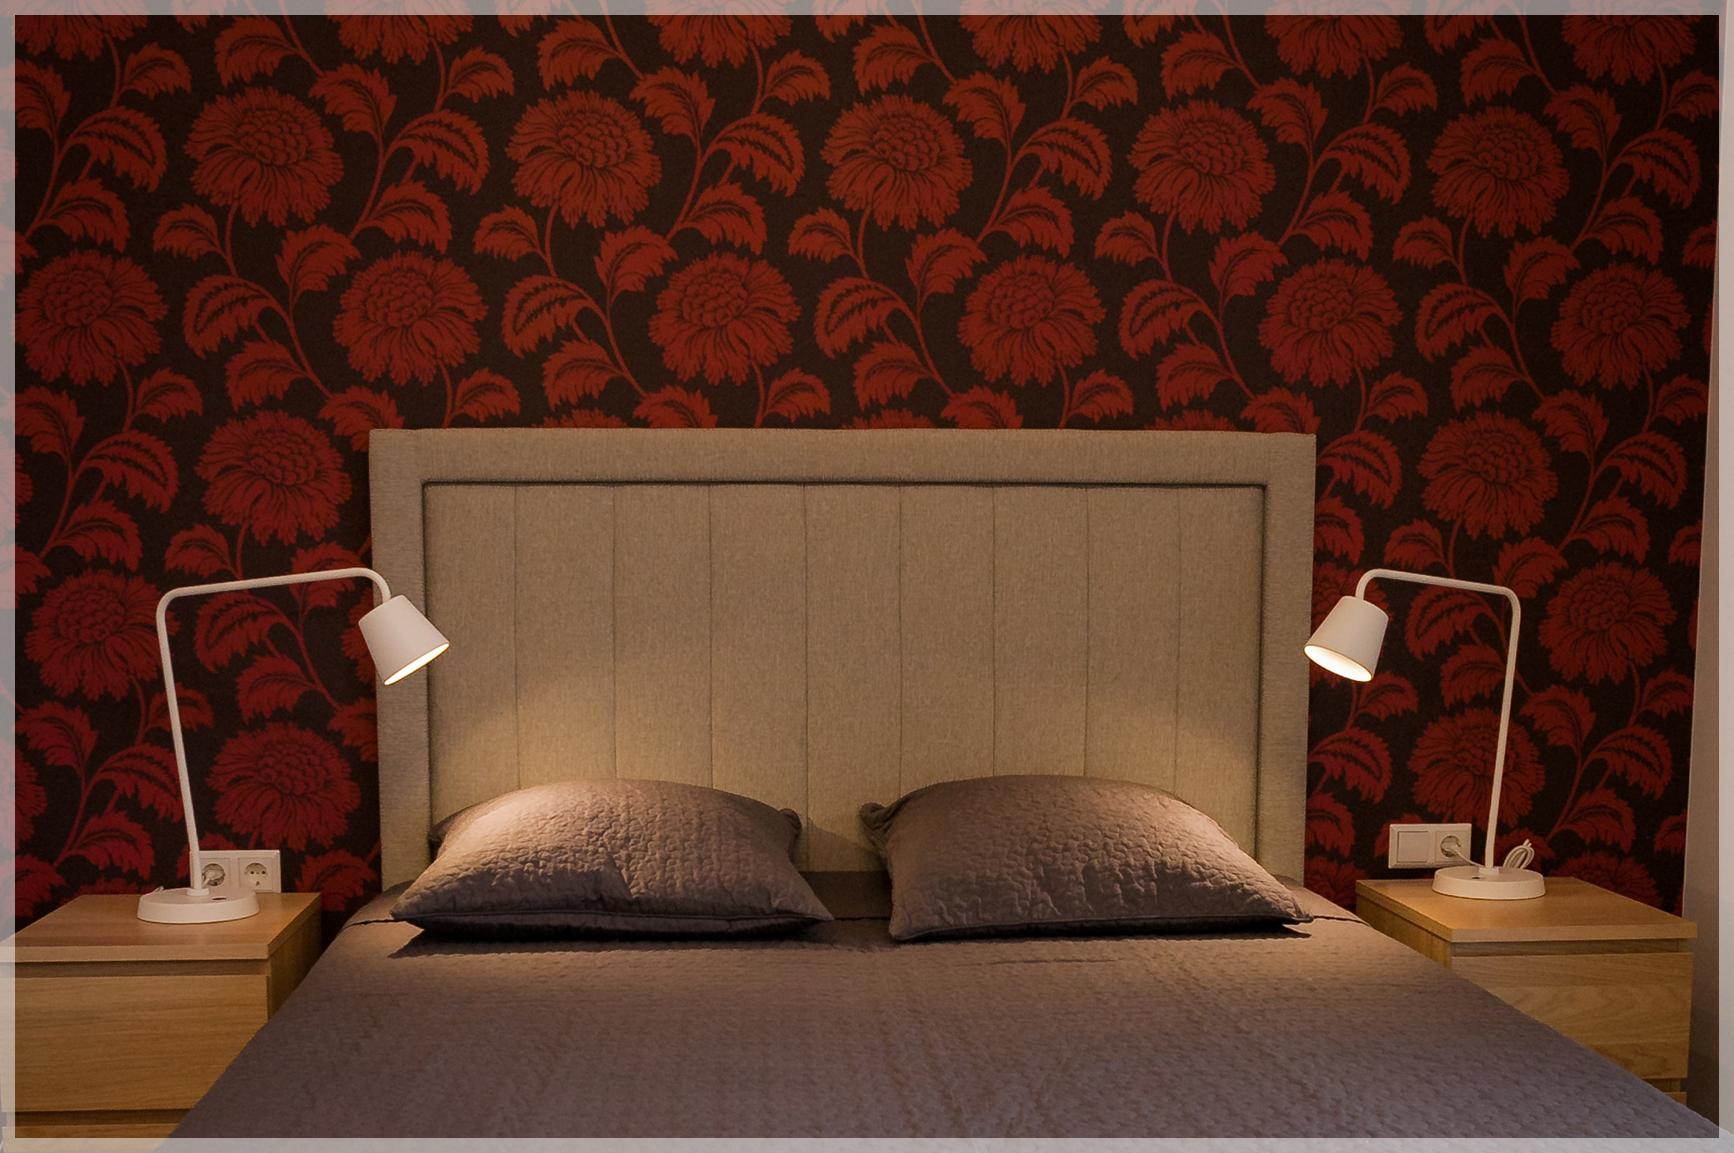 Vila_Nikolas__0005_raudonieji apartamentai